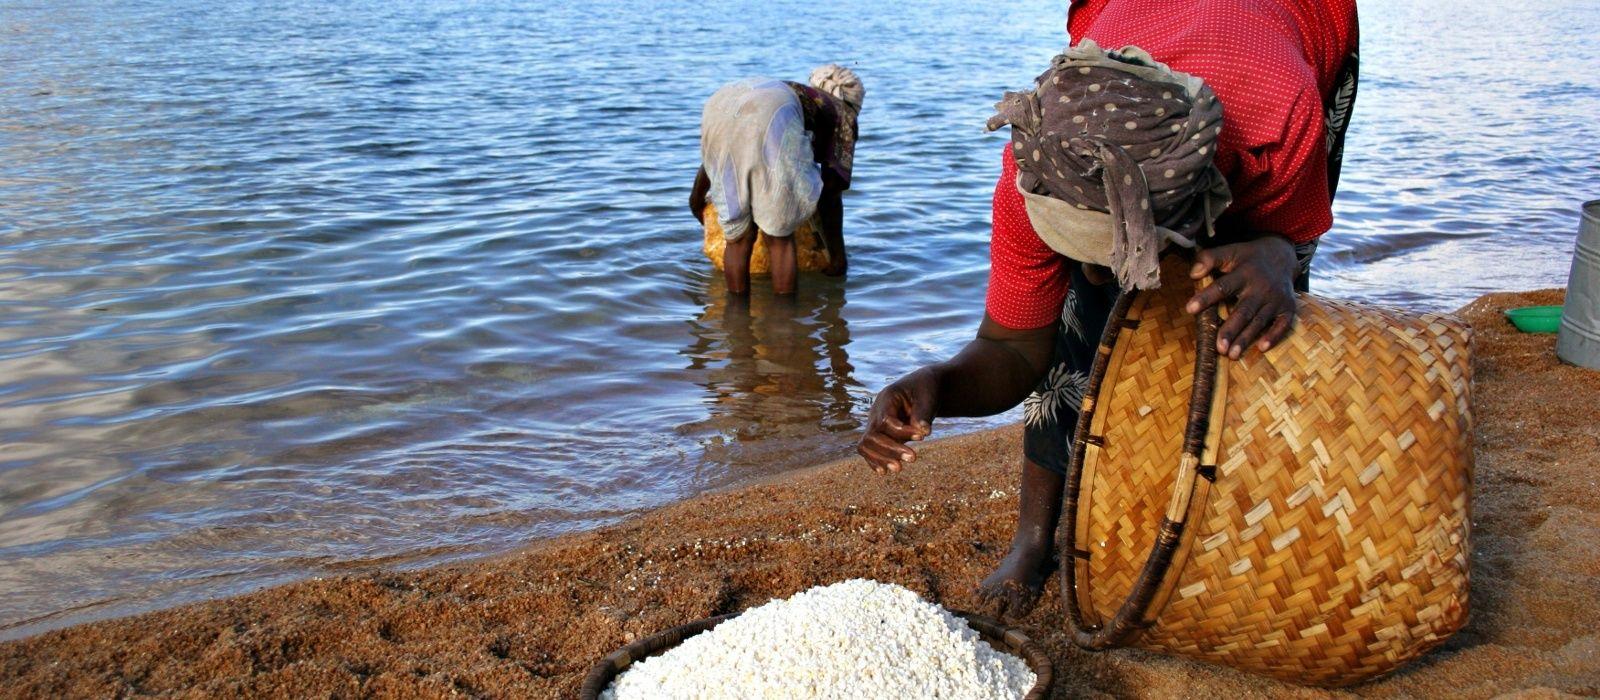 Reiseziel Malawi See – Nördliches Seeufer & Livingstonia Malawi